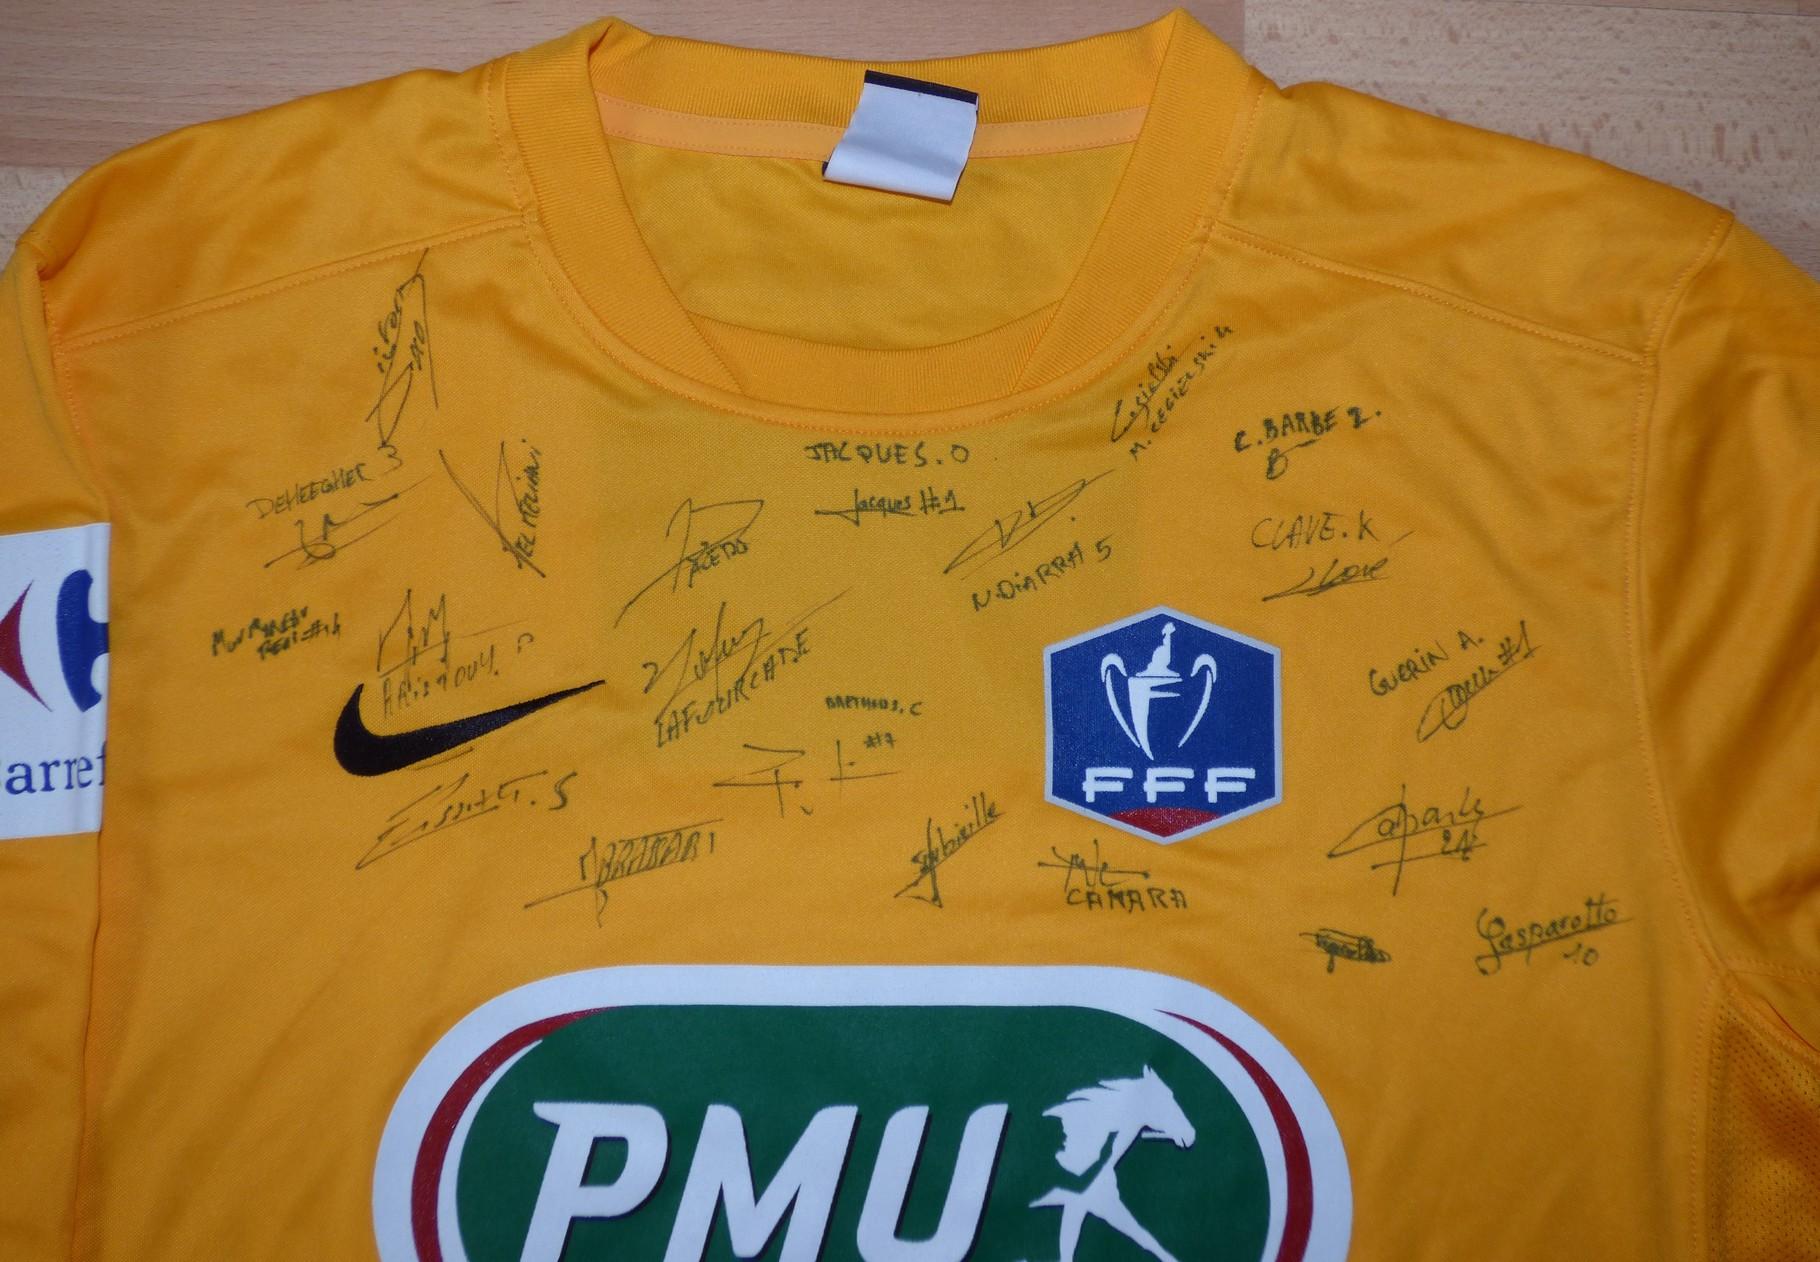 Maillot Coupe de France épopée 2015/16 dédicacé par le groupe